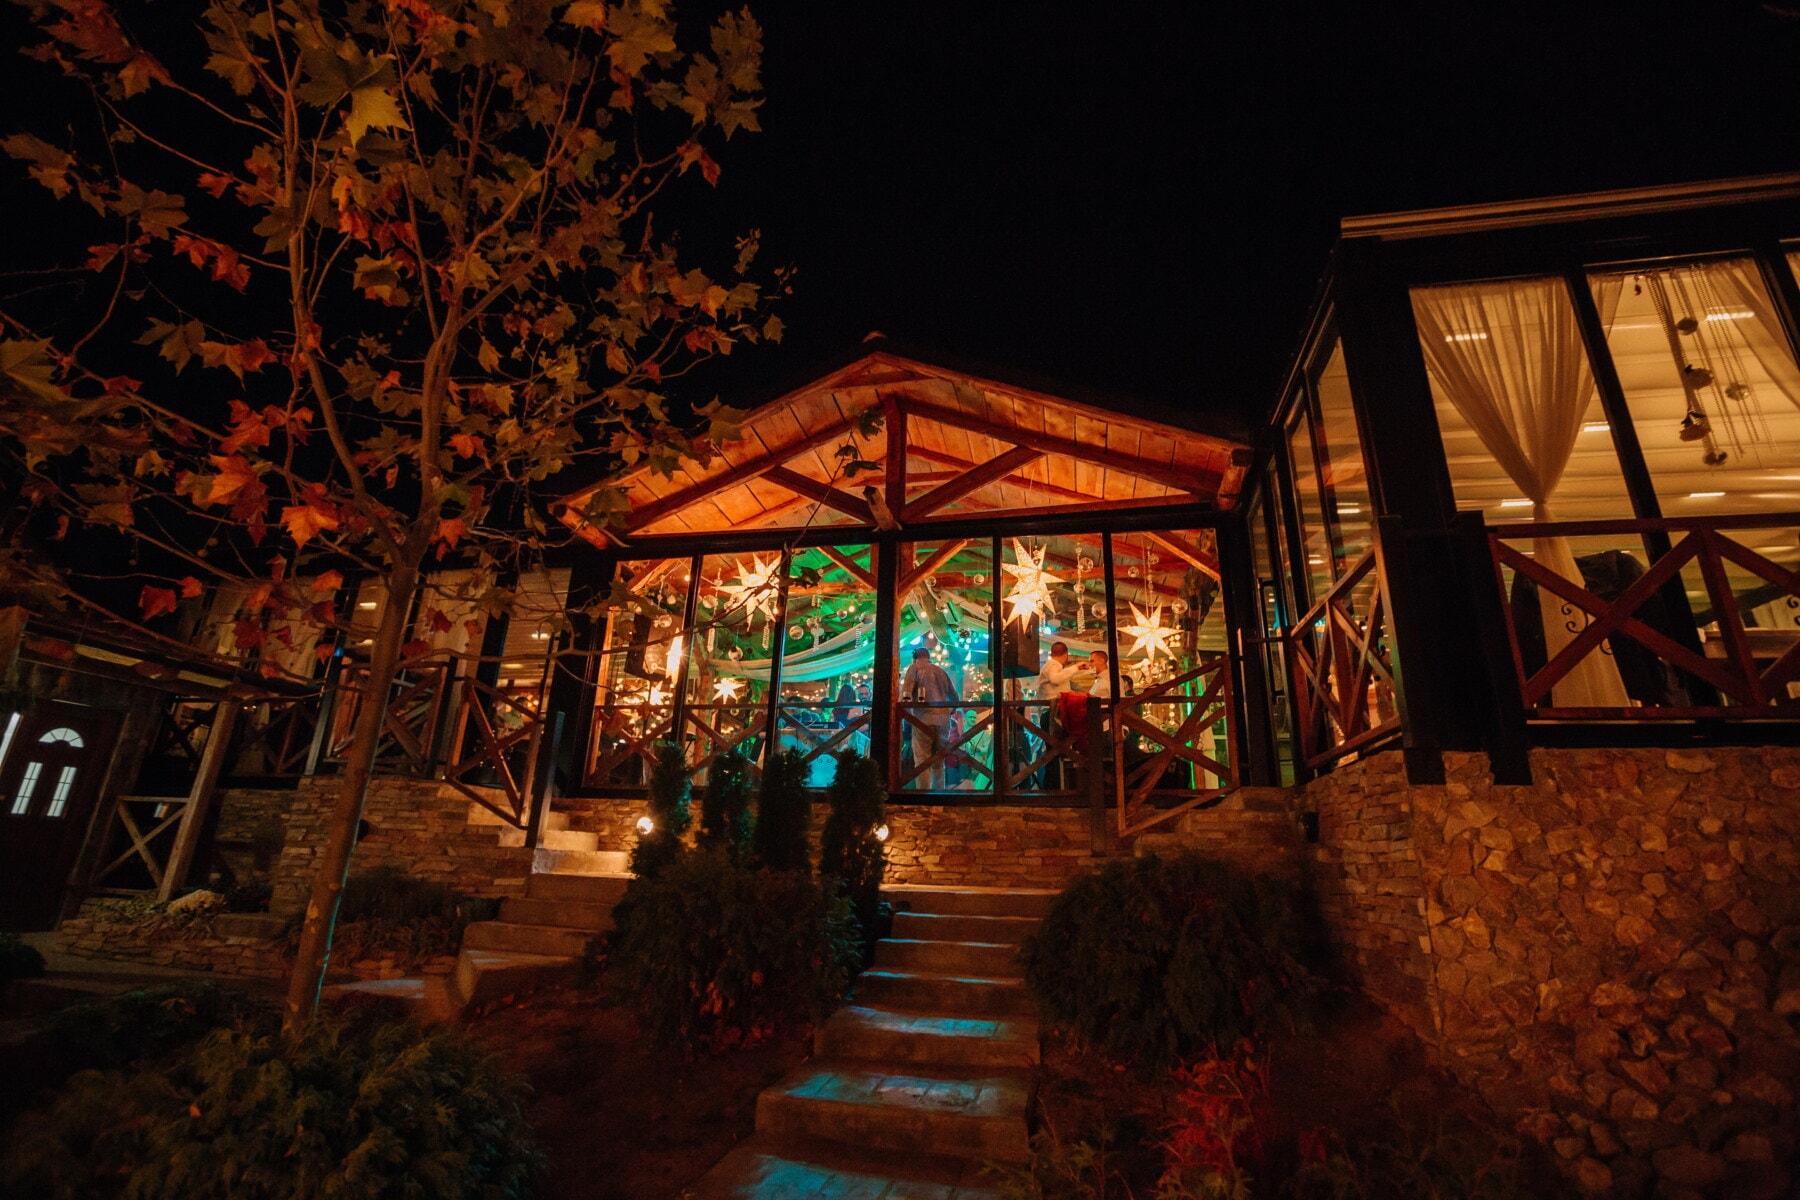 パーティー, カフェテリア, 夜, 外観, 光, 構築, 家, ホーム, 木材, アーキテクチャ